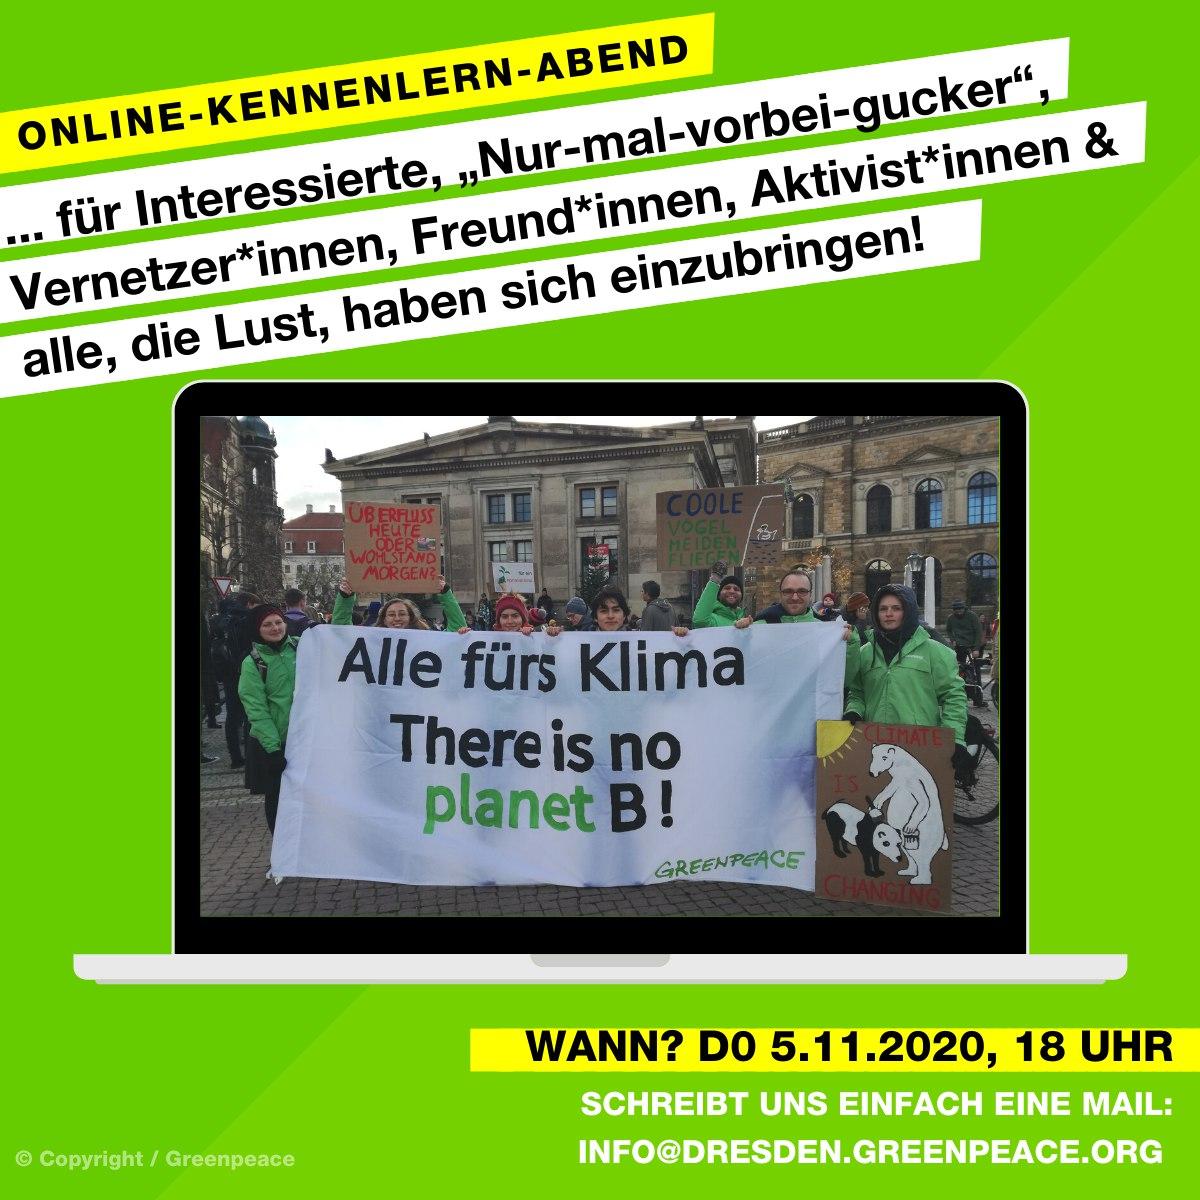 Online: Greenpeace Dresden Neuenabend